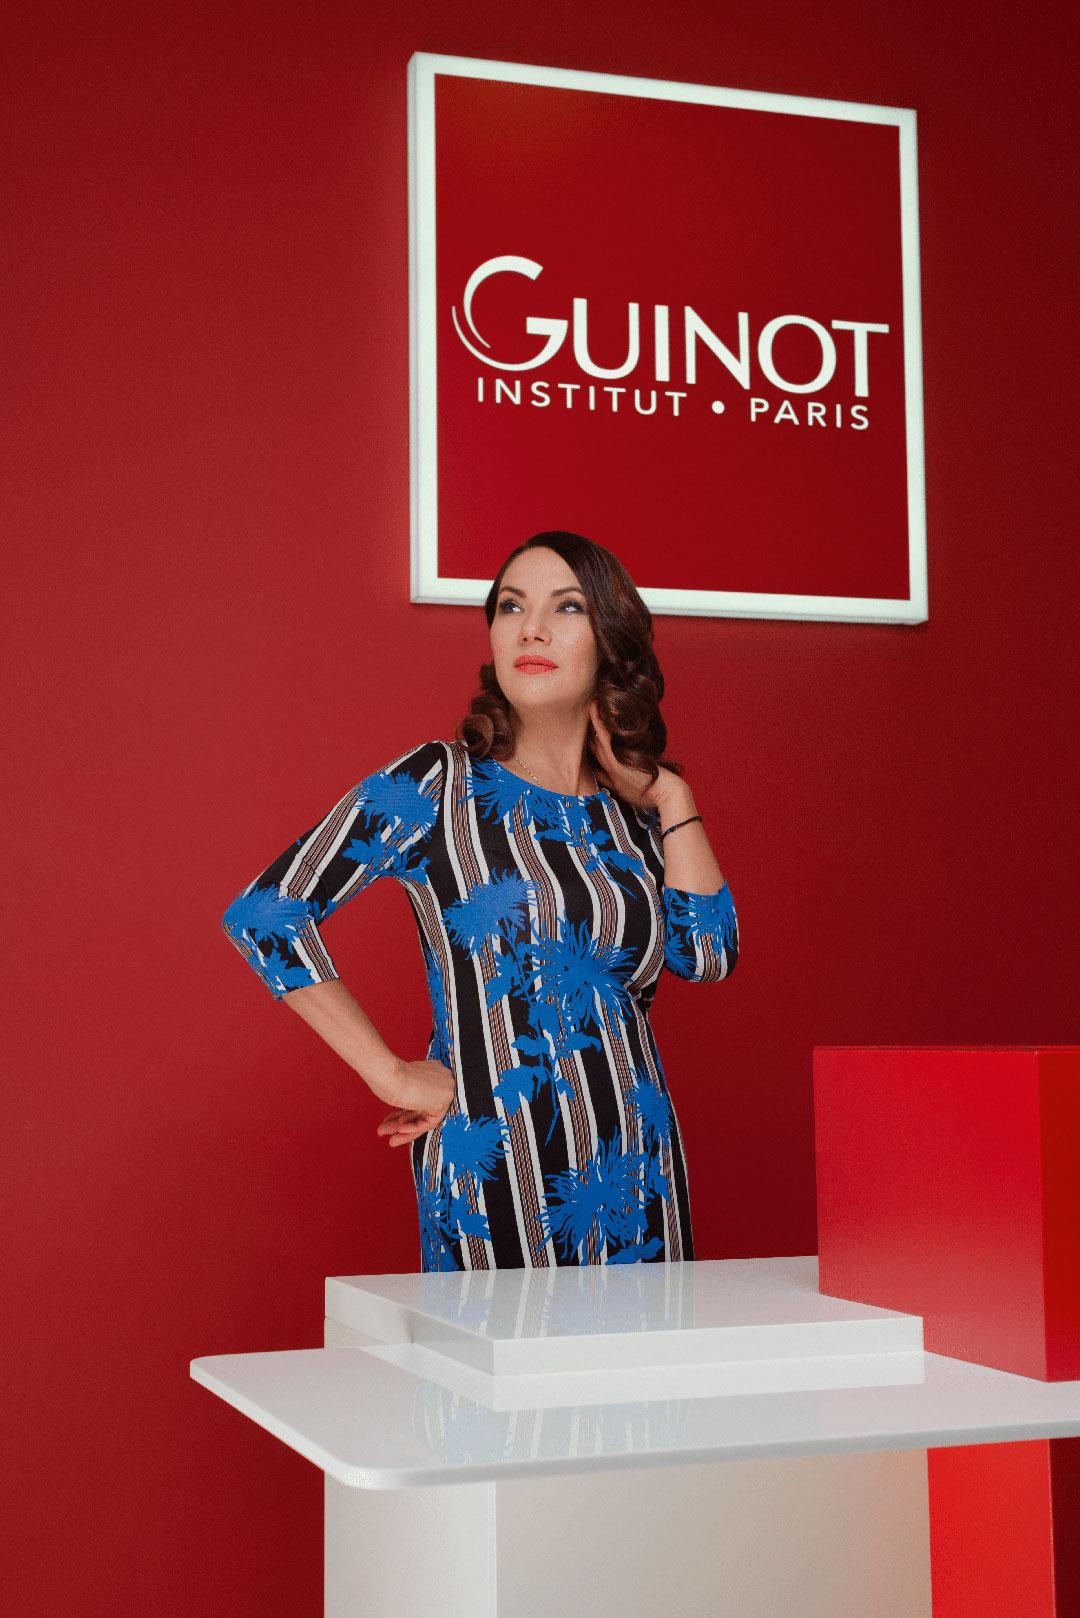 Guinot Россия: в работе дистрибьютора не бывает мелочей